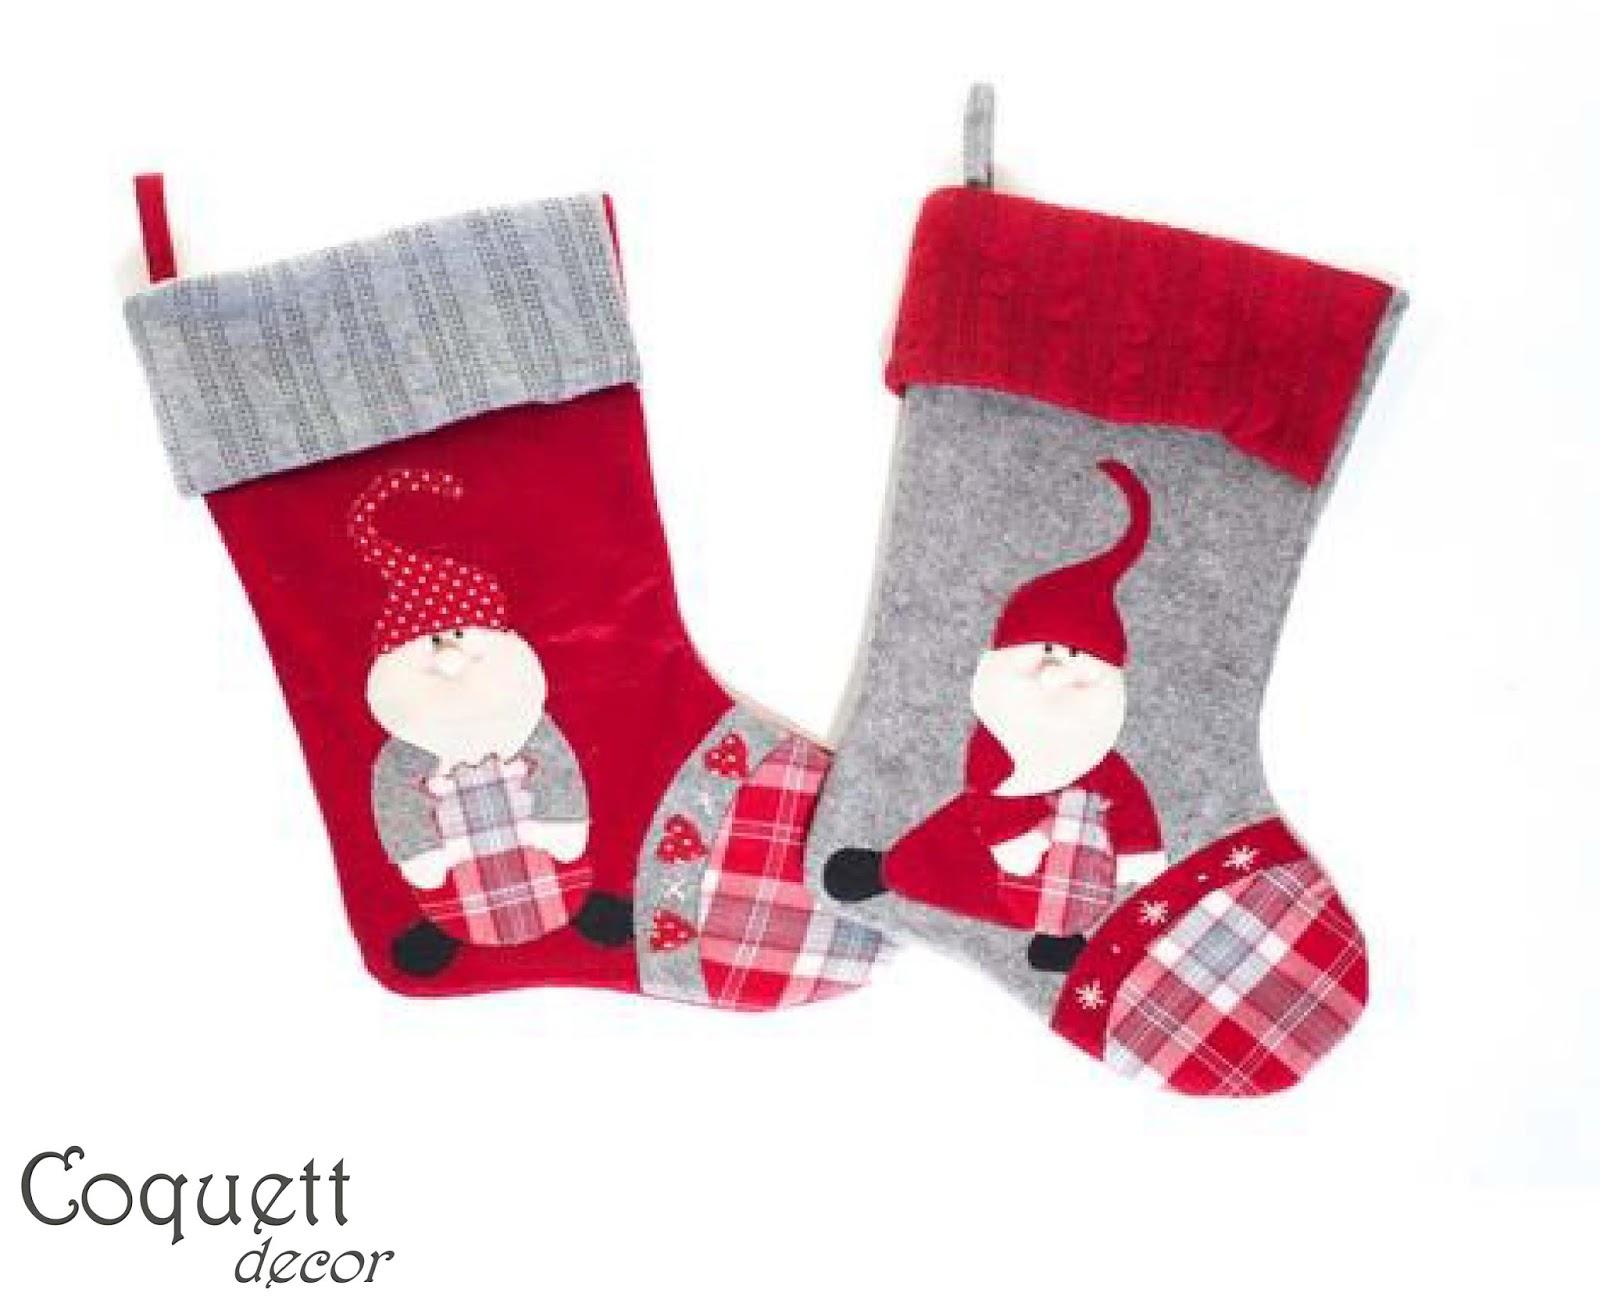 Calcetines de navidad para la chimenea chungcuso3luongyen - Calcetines de navidad personalizados ...